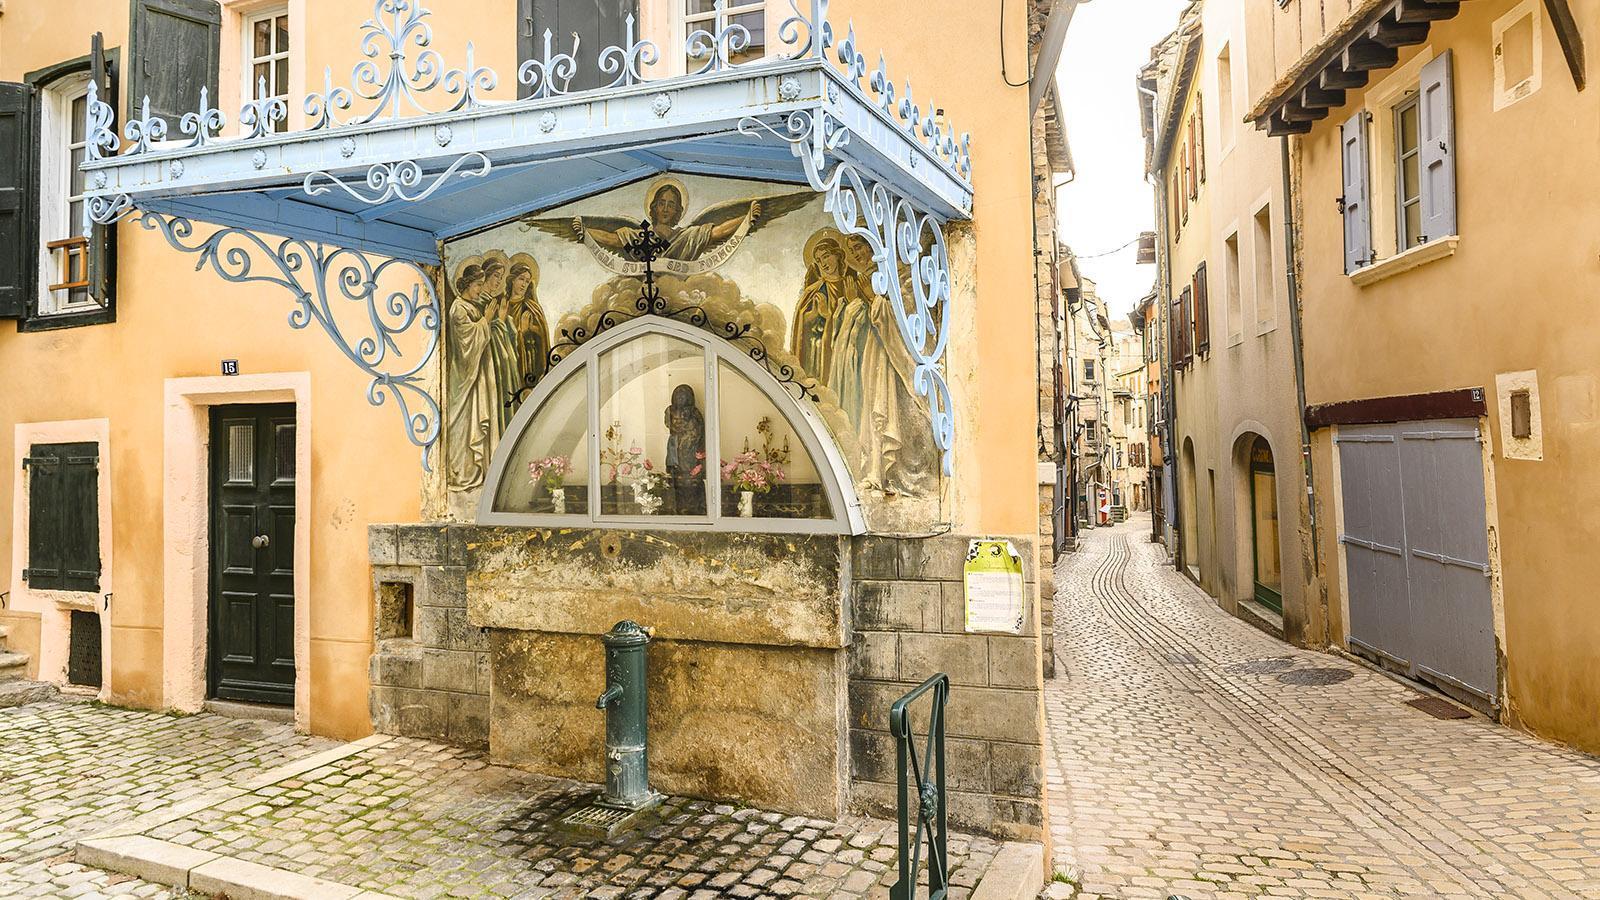 Gottesfurcht auf Schritt und Tritt: in der Altstadt von Mende. Foto: Hilke Maunder